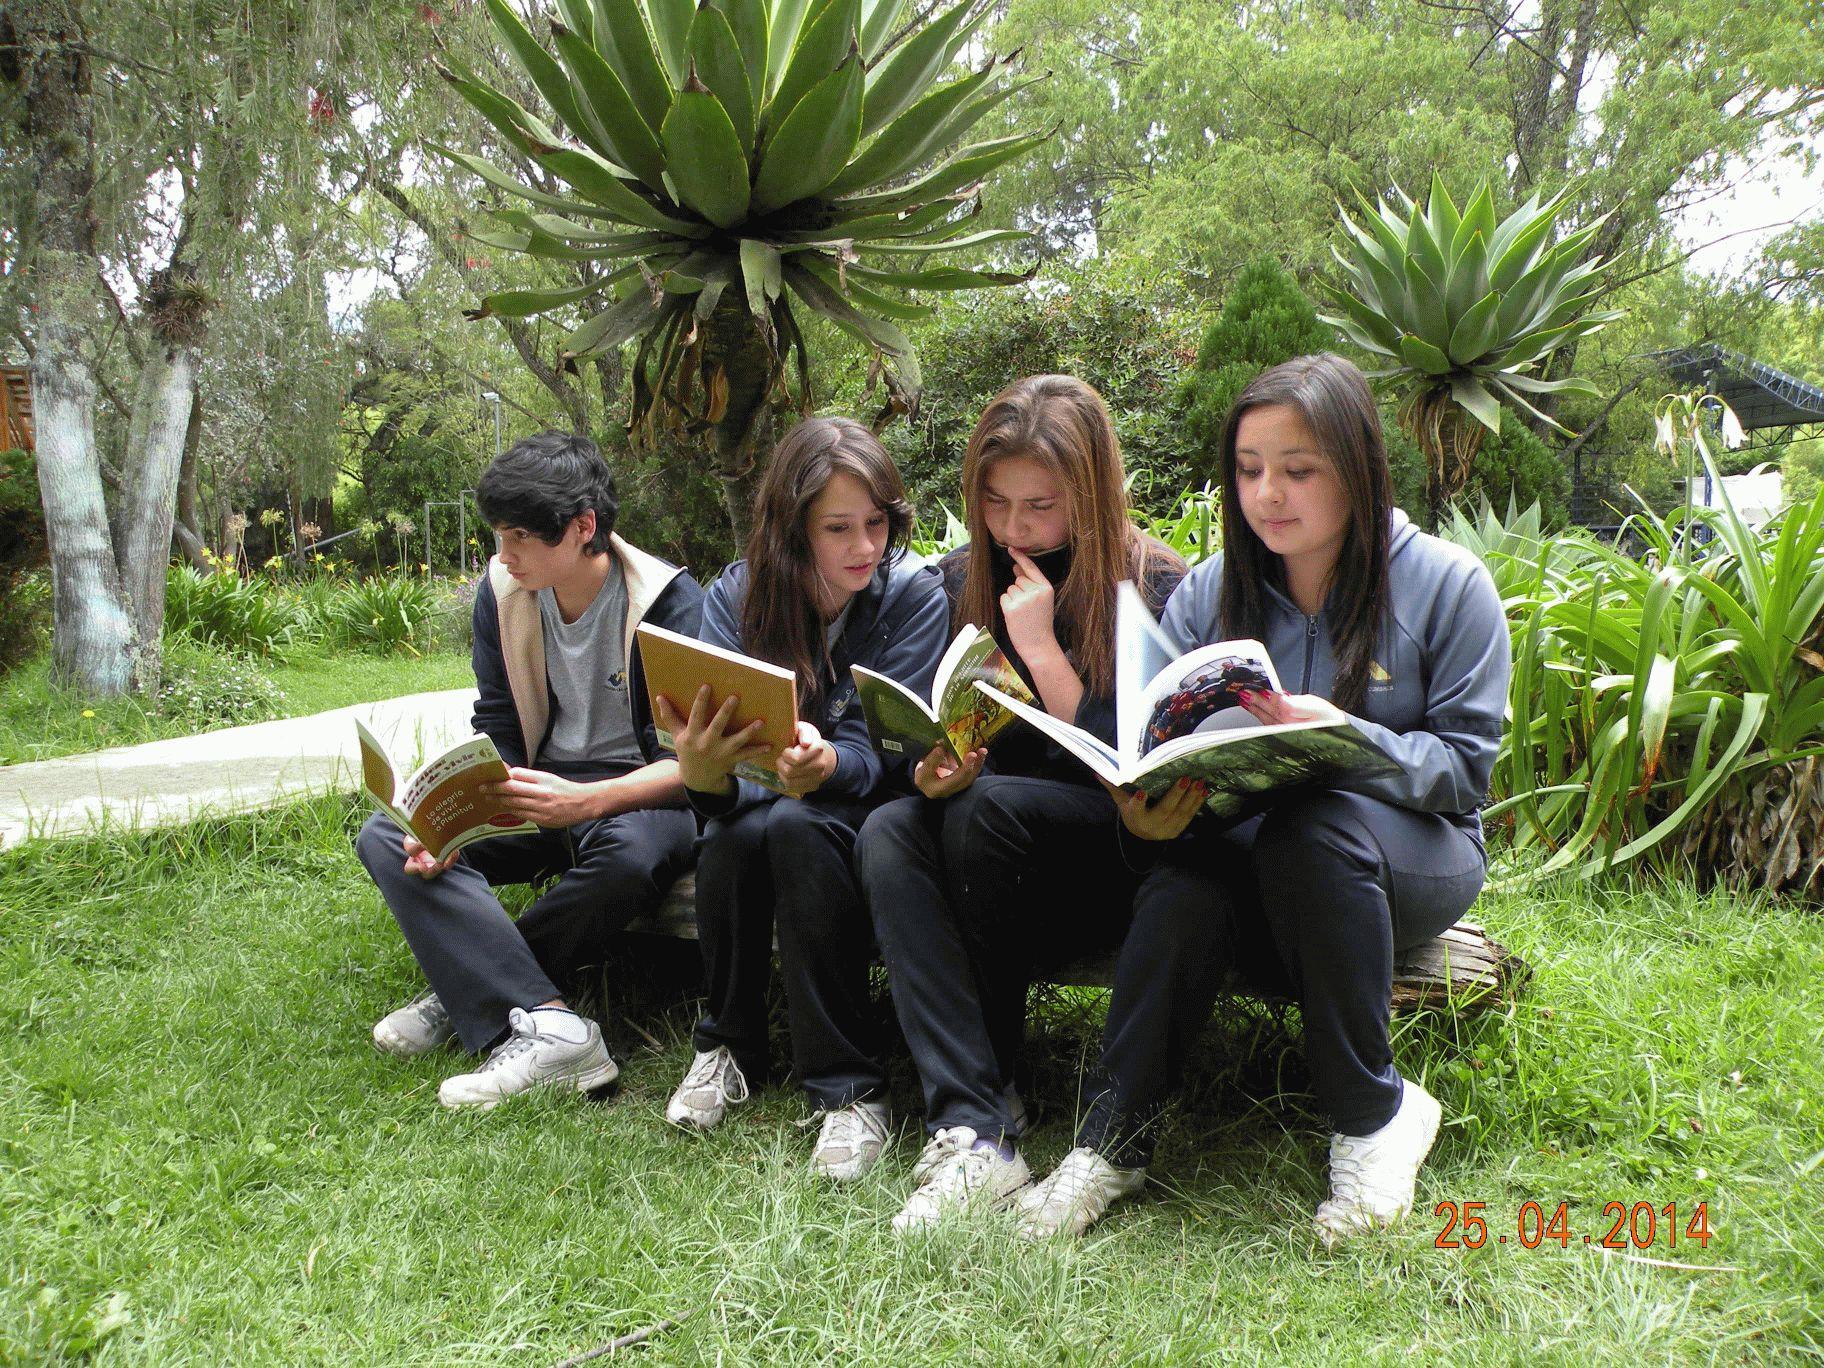 Día Mundial del Libro - Mediante un intercambio de libros, todos los alumnos festejaron el Día del Libro.